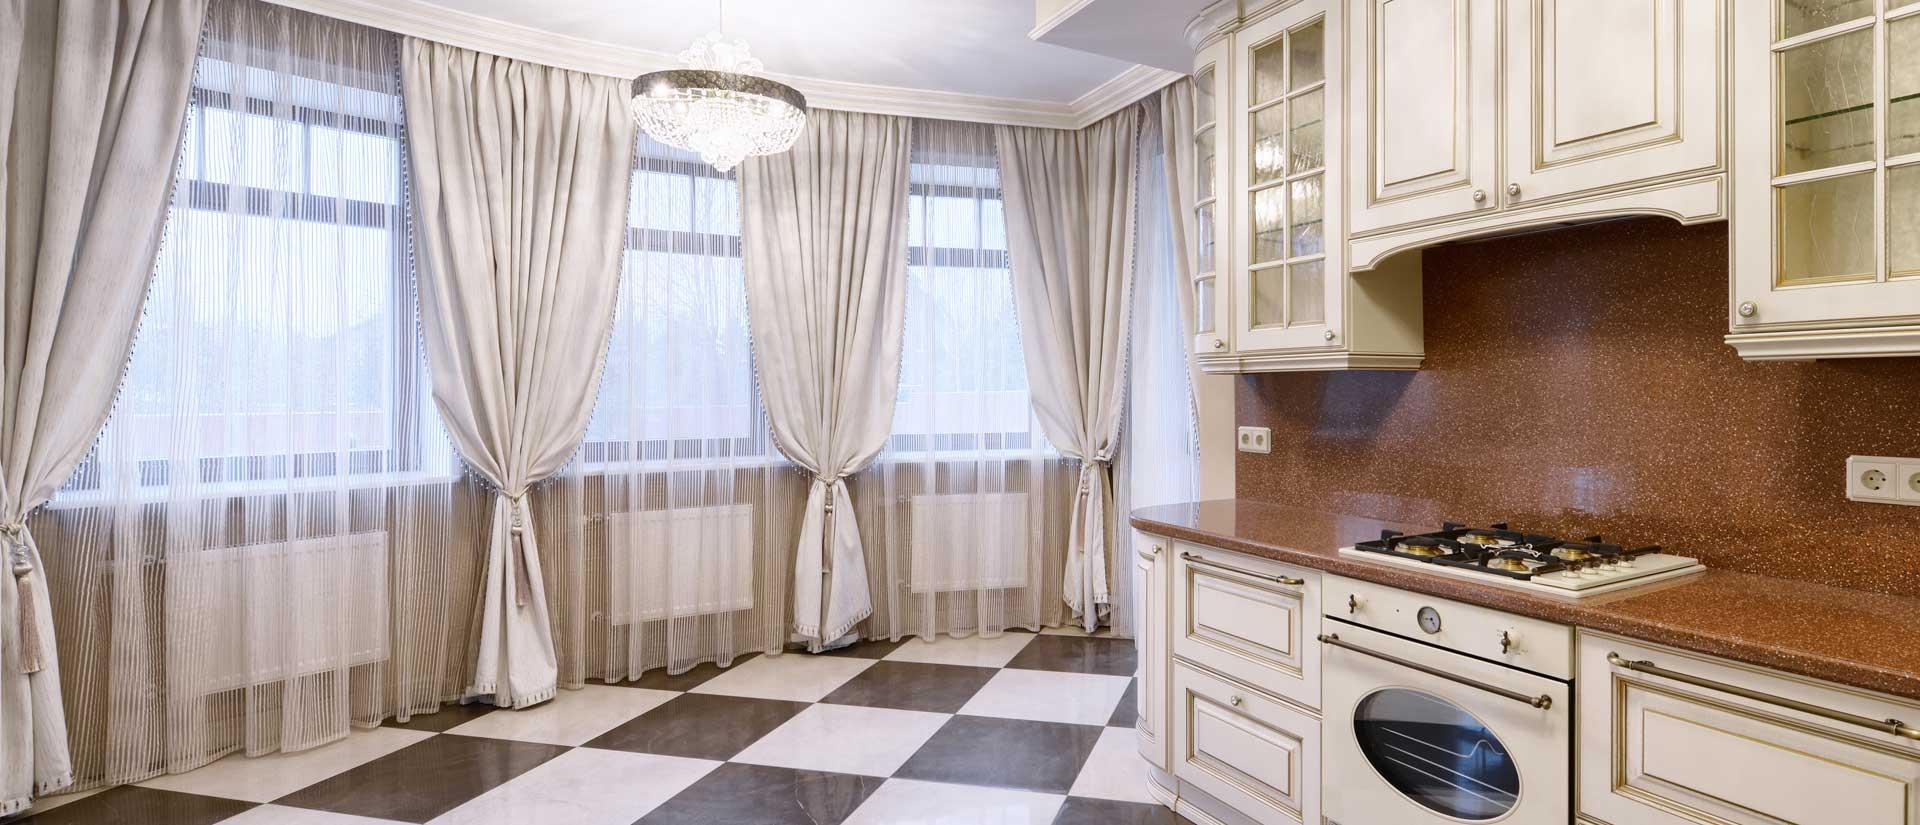 Full Size of Küchen Regal Gardinen Für Wohnzimmer Schlafzimmer Scheibengardinen Küche Fenster Die Wohnzimmer Küchen Gardinen